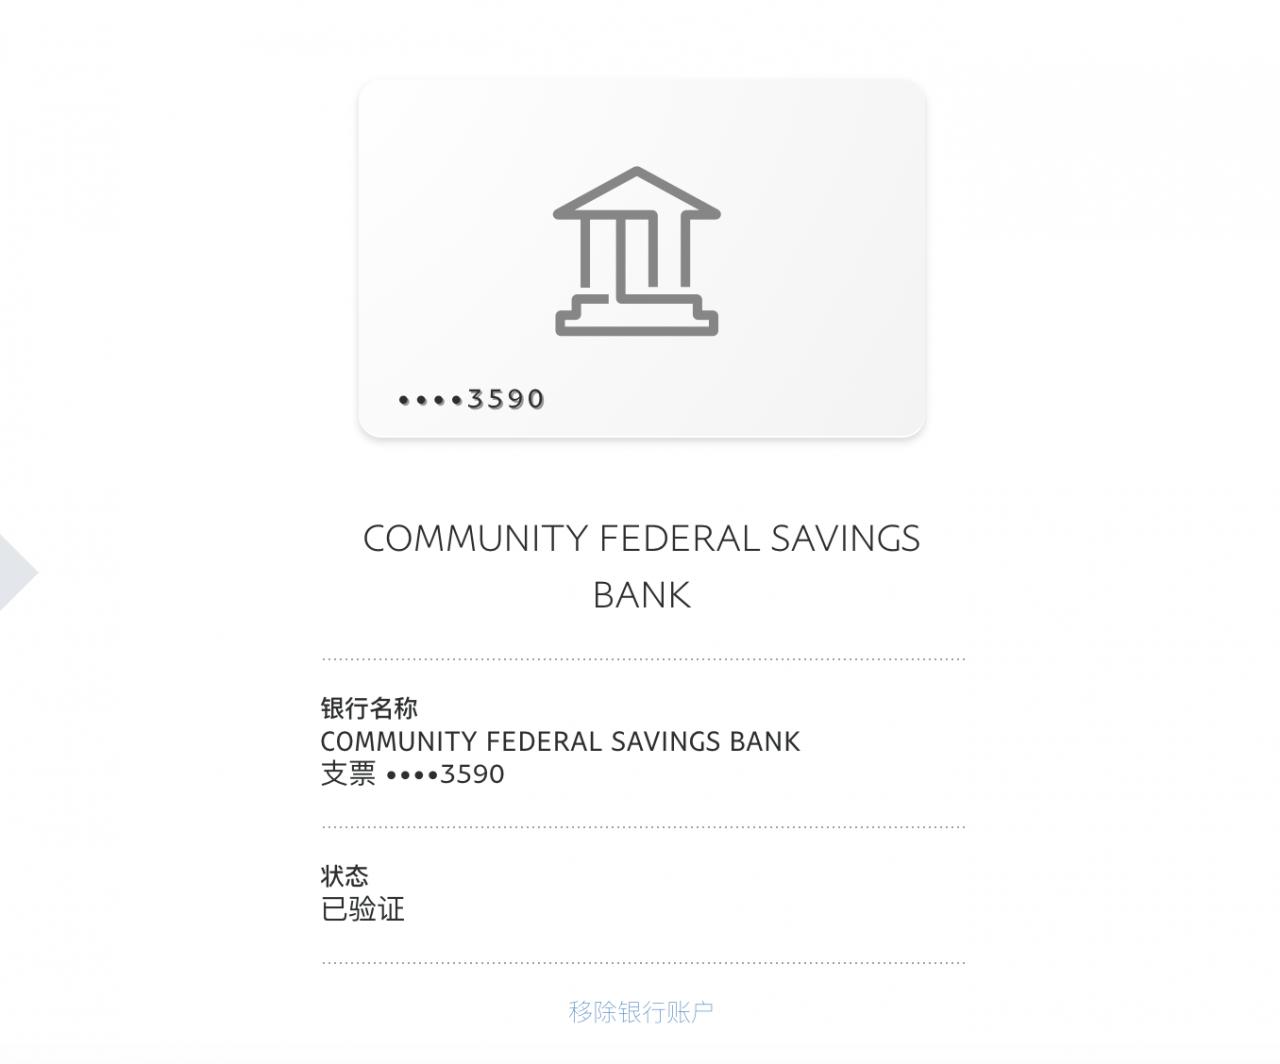 使用Payoneer将paypal贝宝余额提现到中国银行账户第12张-菜鸟分享